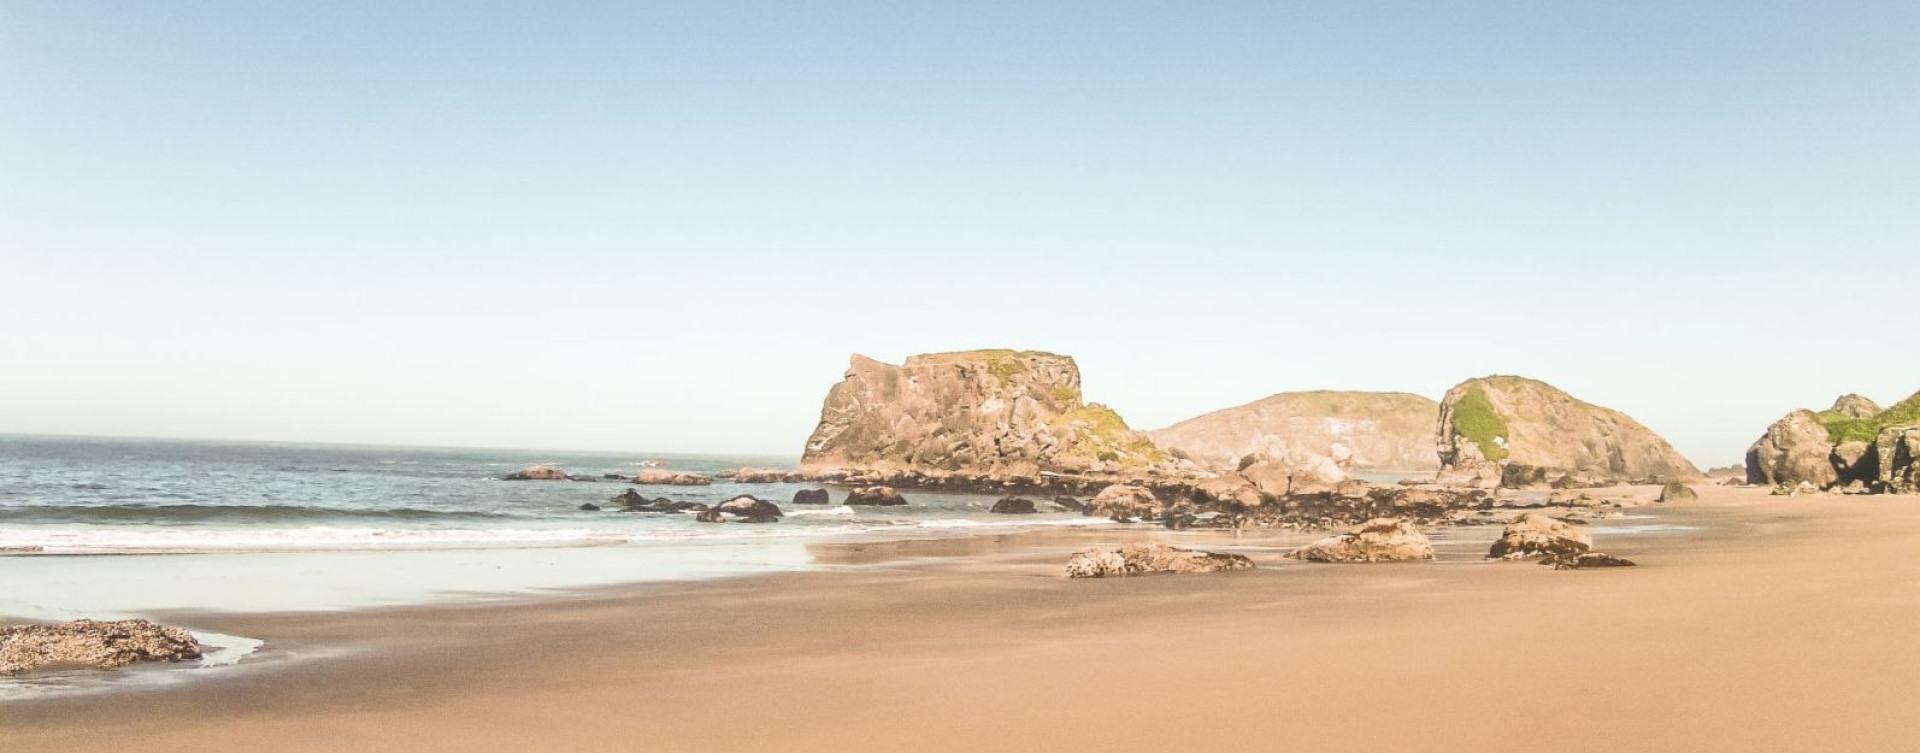 Crest Surfboards - Somos shapers en Galicia